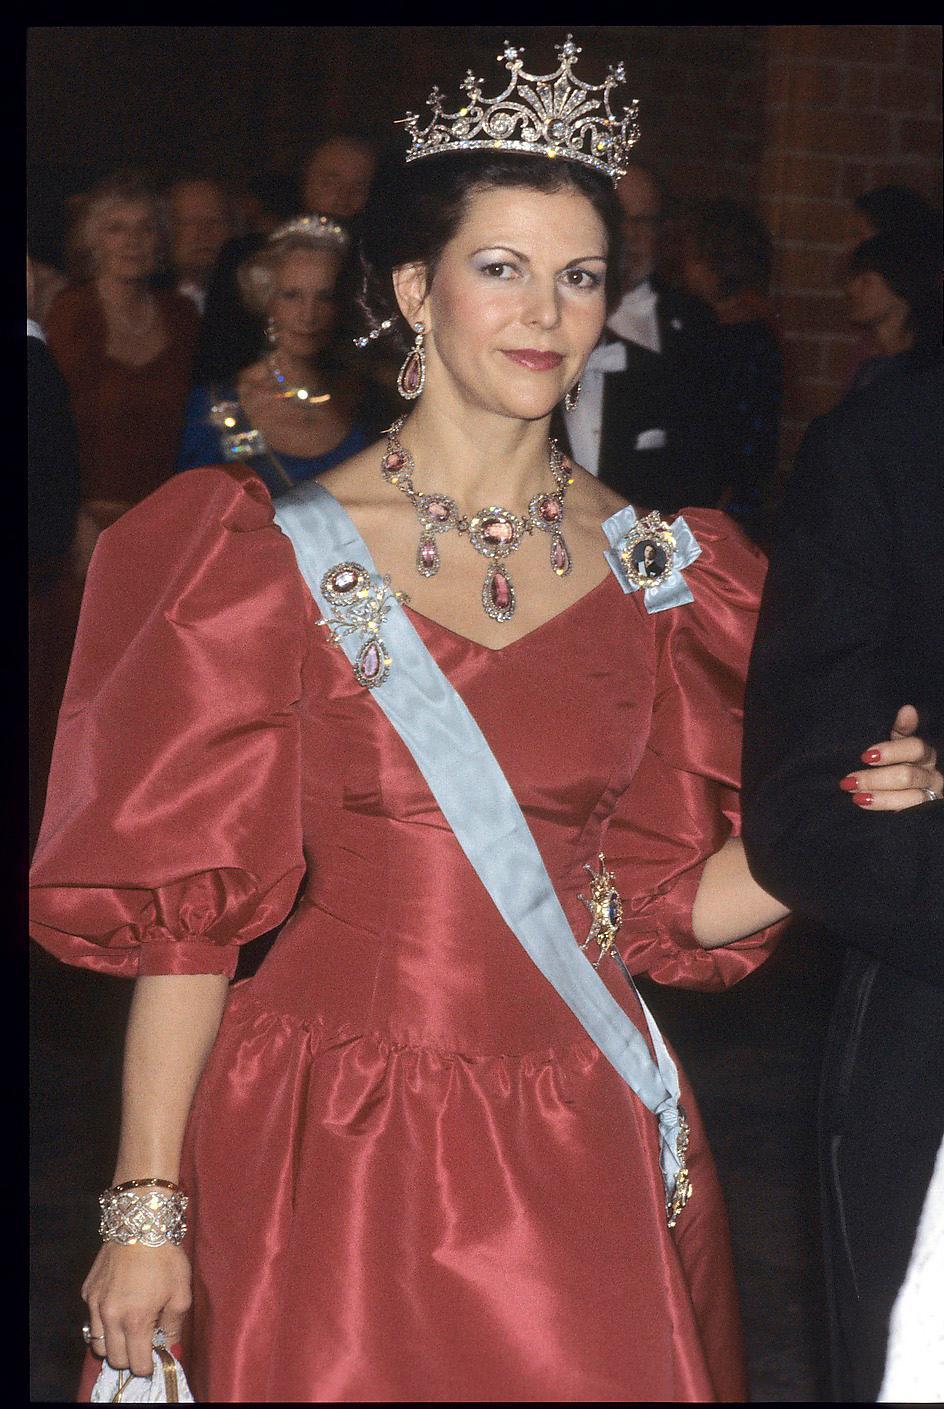 1983.Andra året i rad för den danske hovskräddaren Jørgen Bender att få det ärofyllda uppdraget. Frågan är om han inte inspirerats av drottning Diana Spencers berömda bröllopsklänning, med de enorma puffärmarna, som sågs två år tidigare. Ädeltopasgarnityret och drottning Sofias diadem i håret.